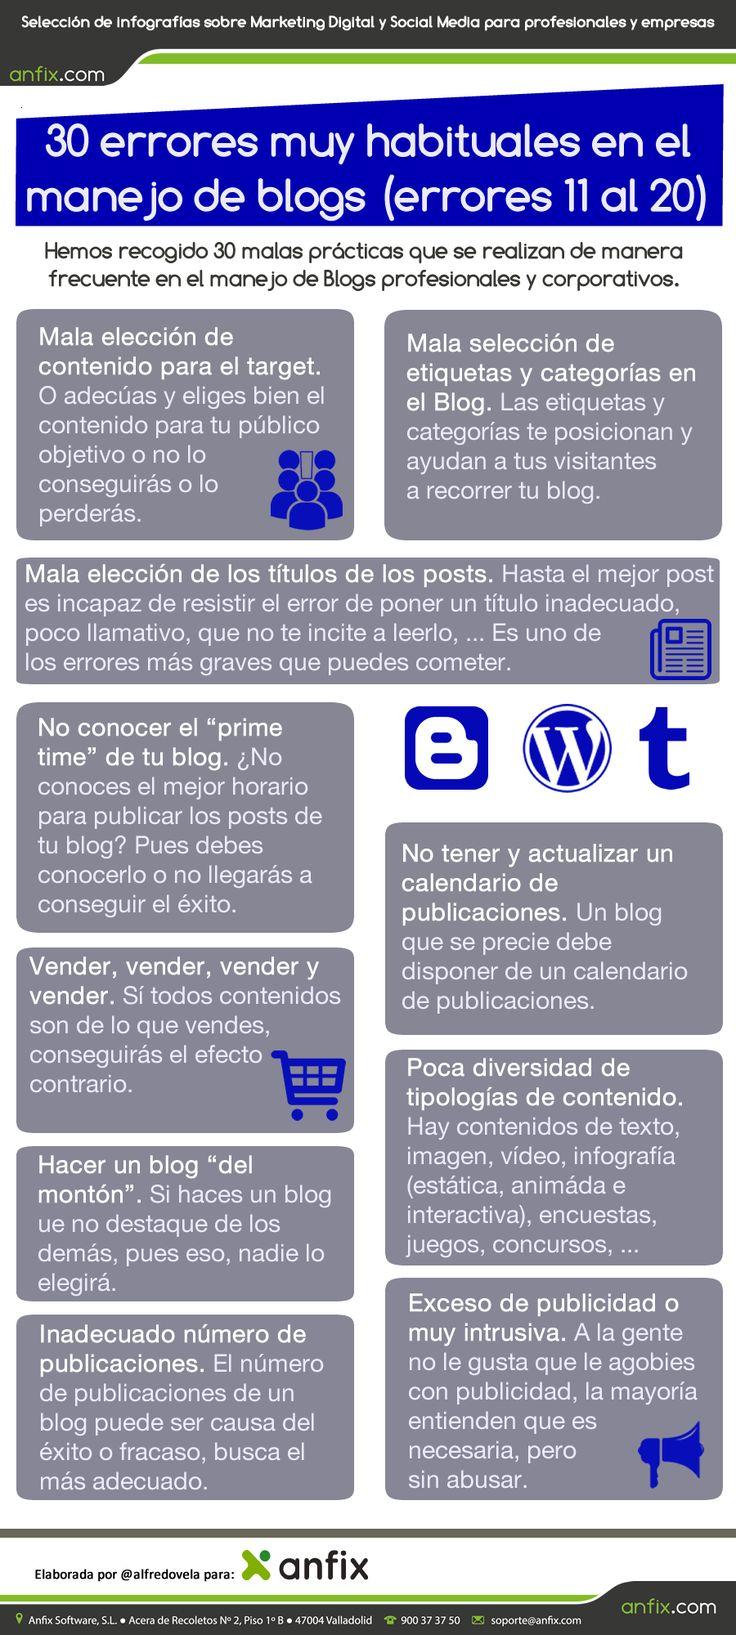 30 errores muy habituales en el manejo de blogs (errores 11 al 20) #infografia